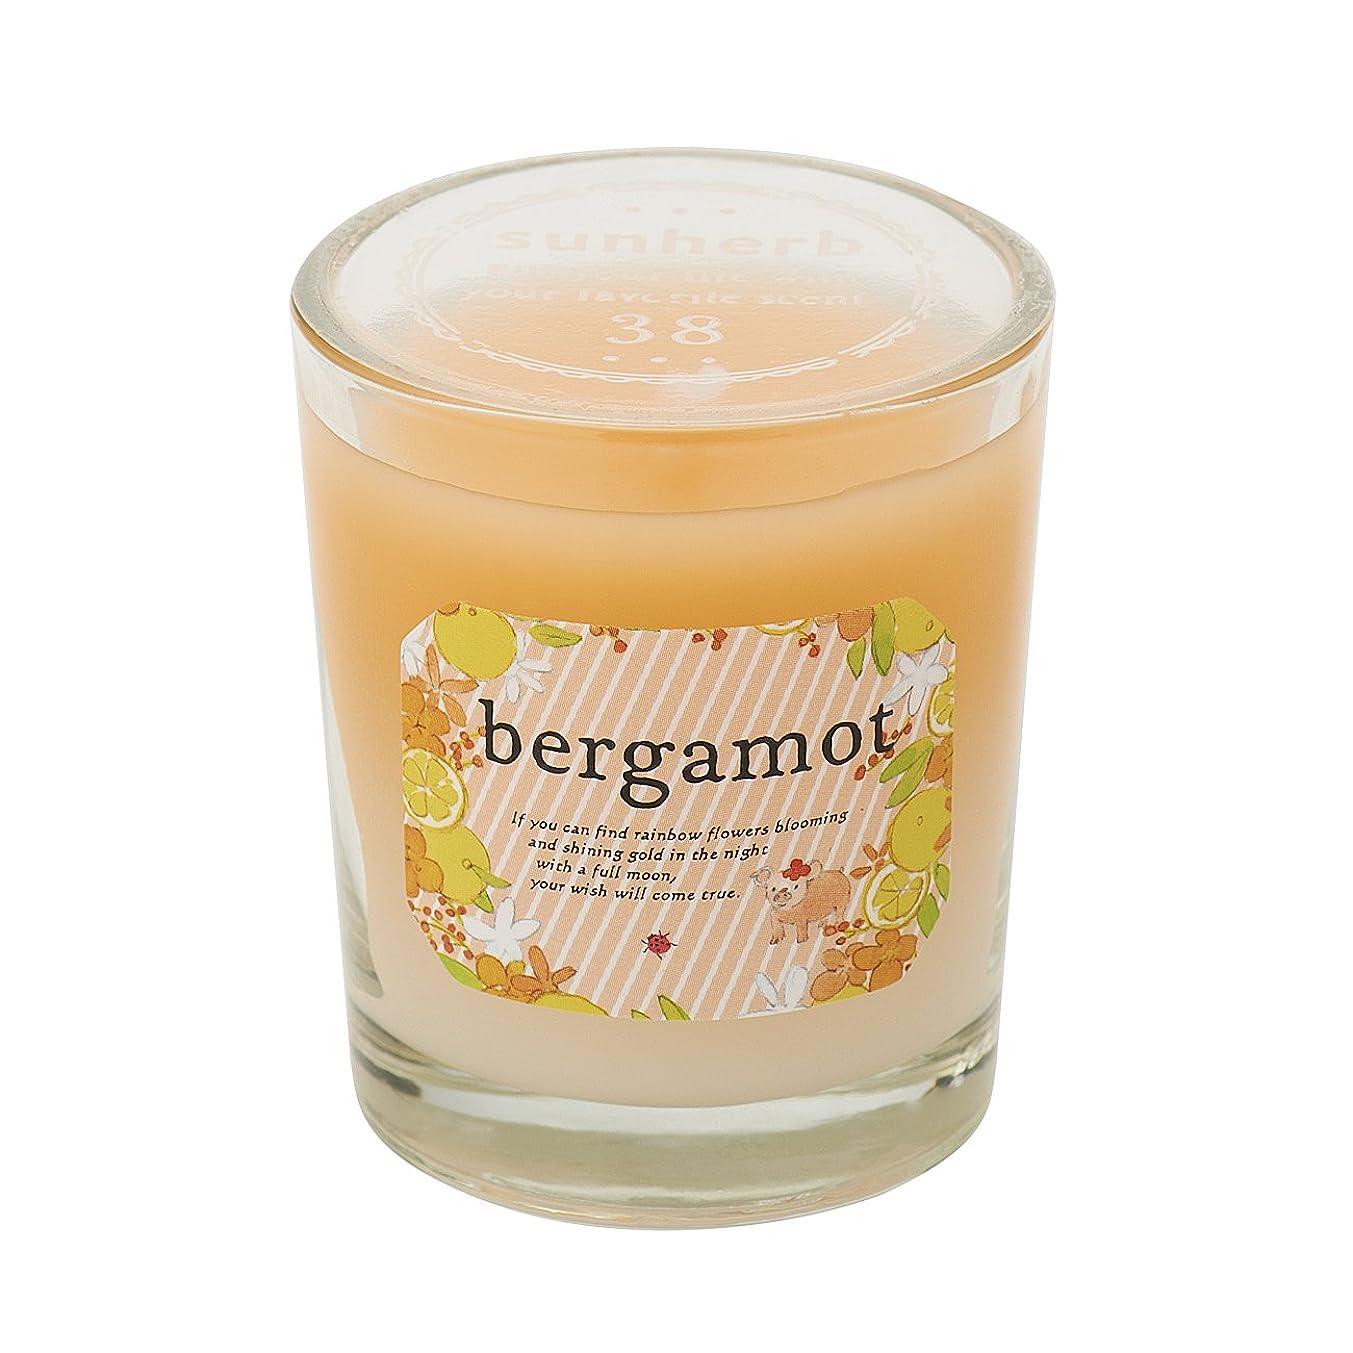 放射する余韻クアッガサンハーブ グラスキャンドル ベルガモット 35g(グラデーションろうそく 燃焼時間約10時間 懐かしい甘酸っぱい香り)